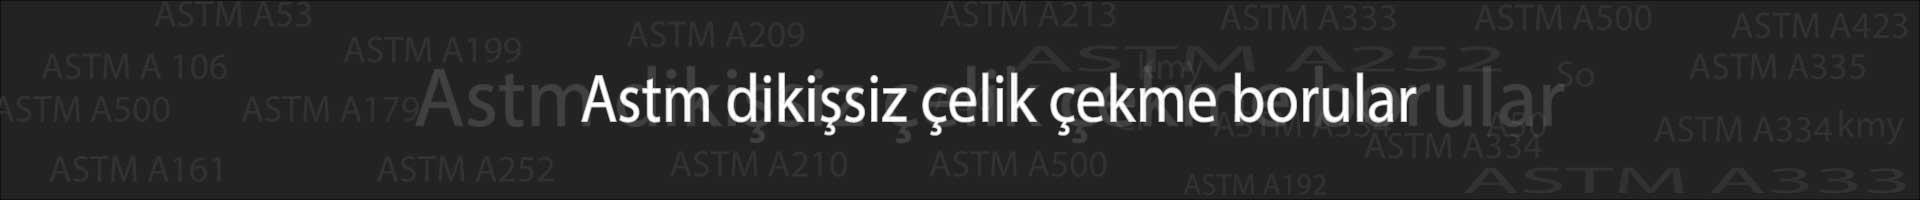 ASTM borular